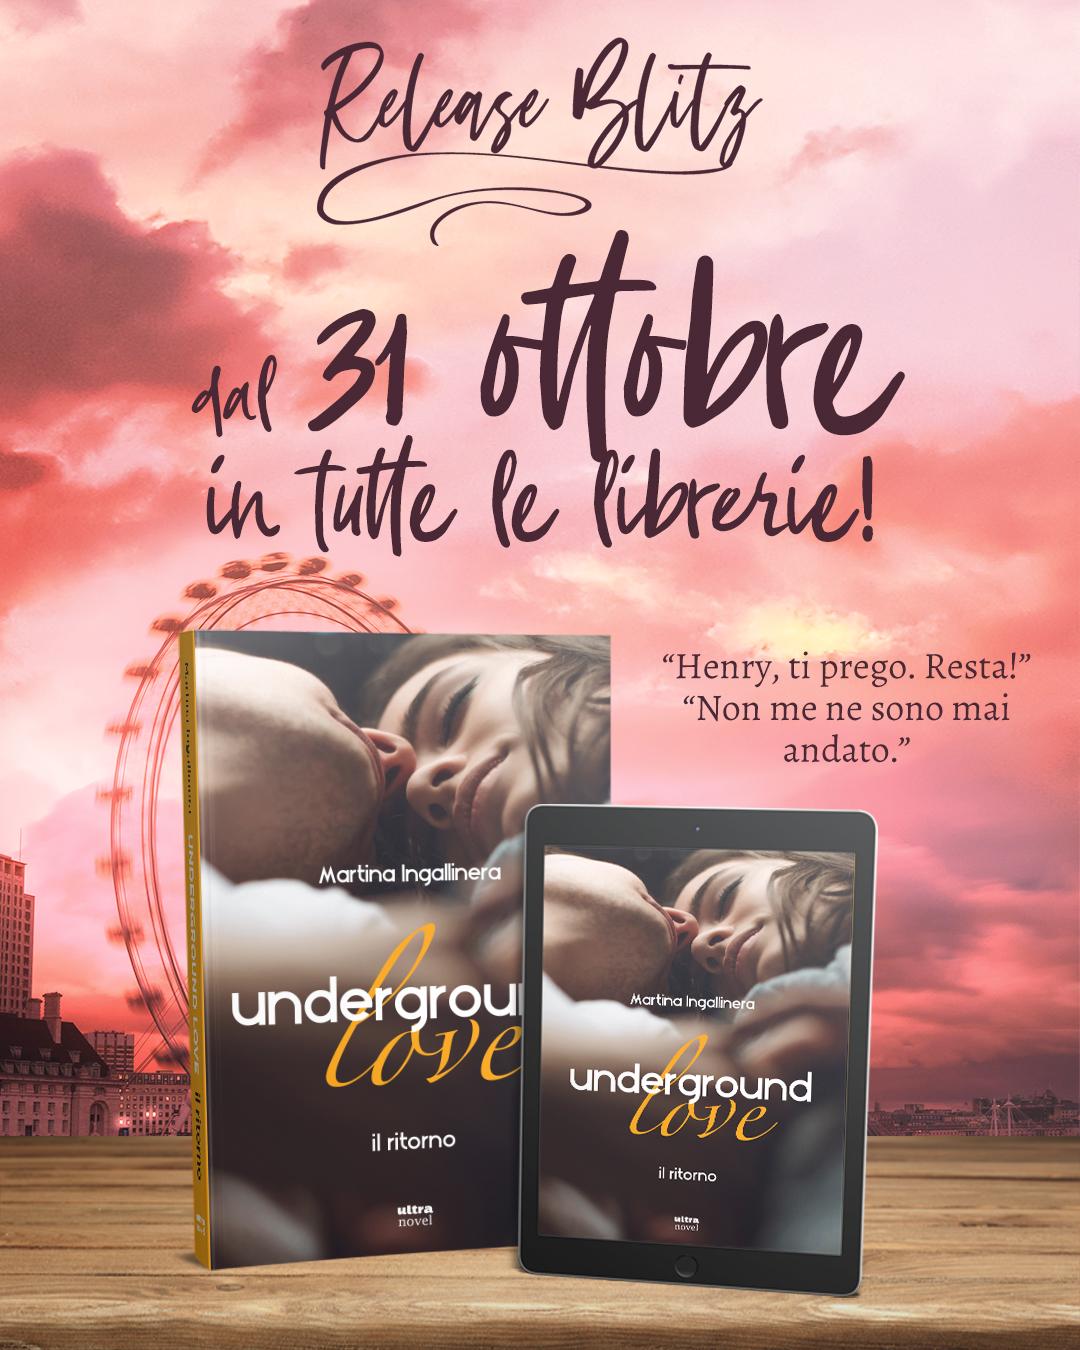 Underground Love,il ritorno